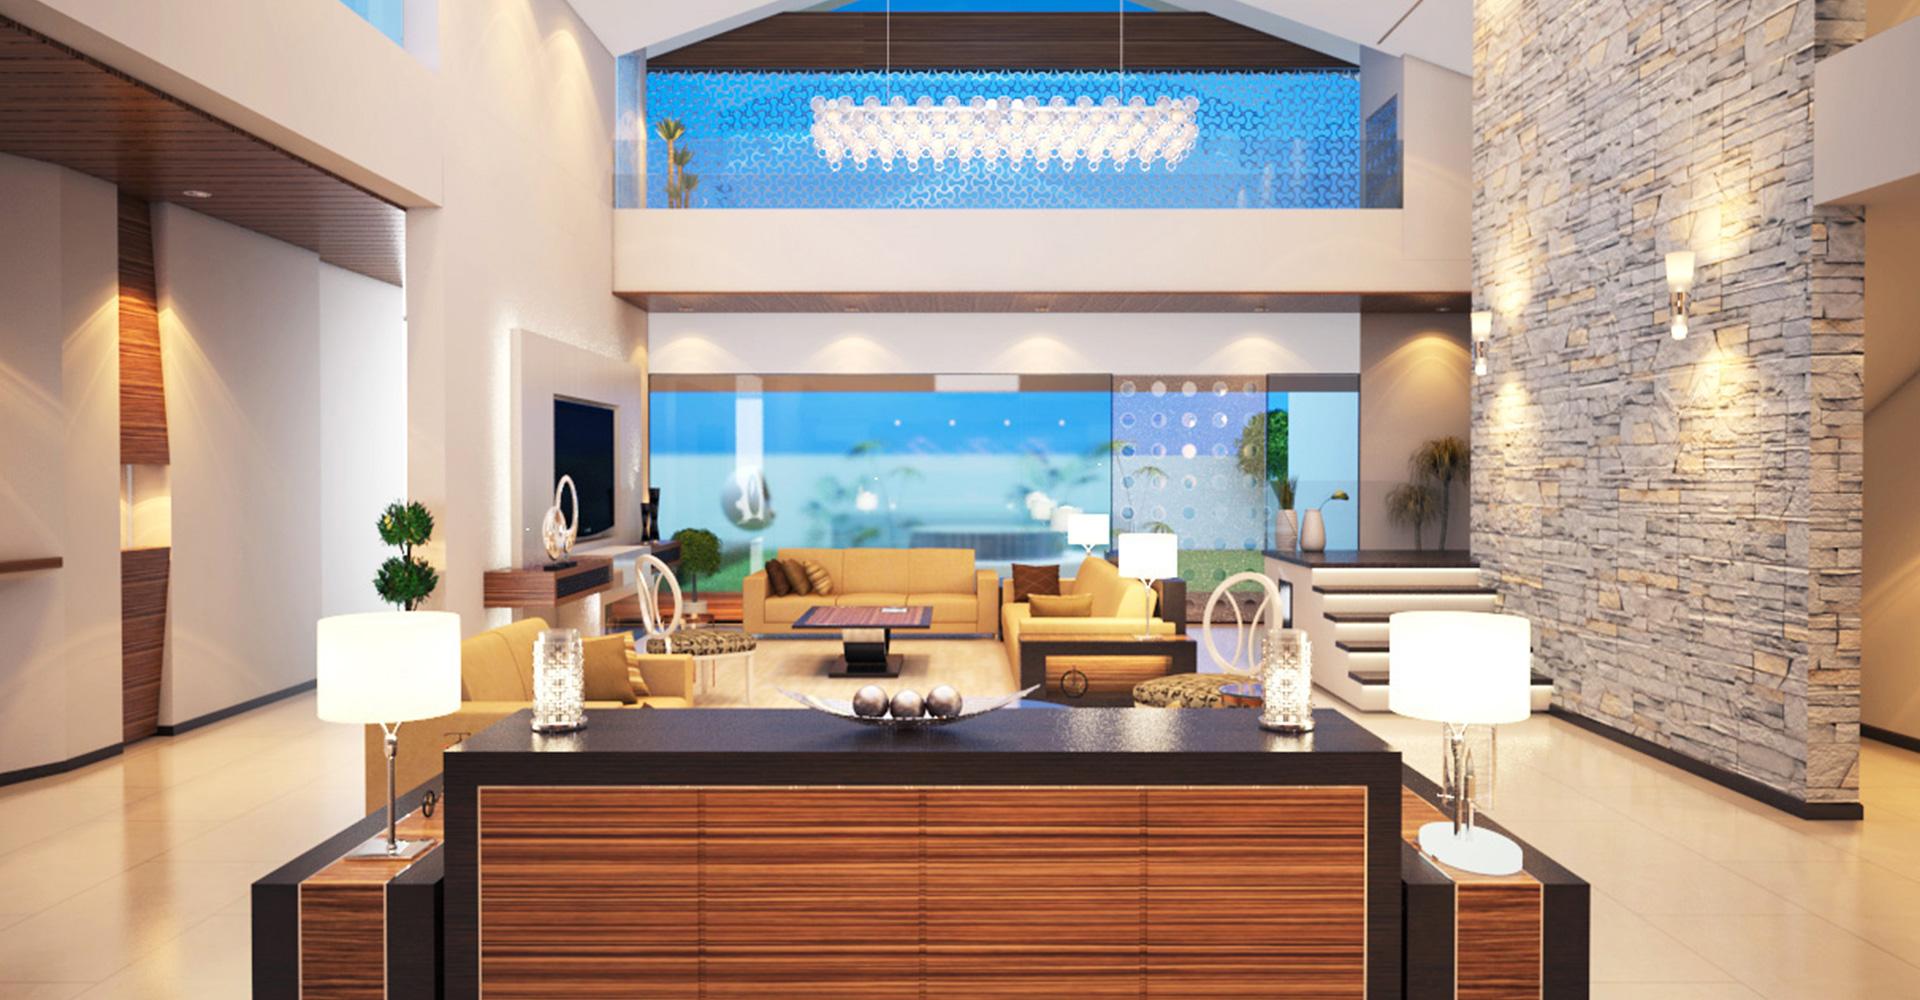 Residential-Interior-Design-Hiline-Lahore-portfolio-65J-DHA-EME-05 (59)